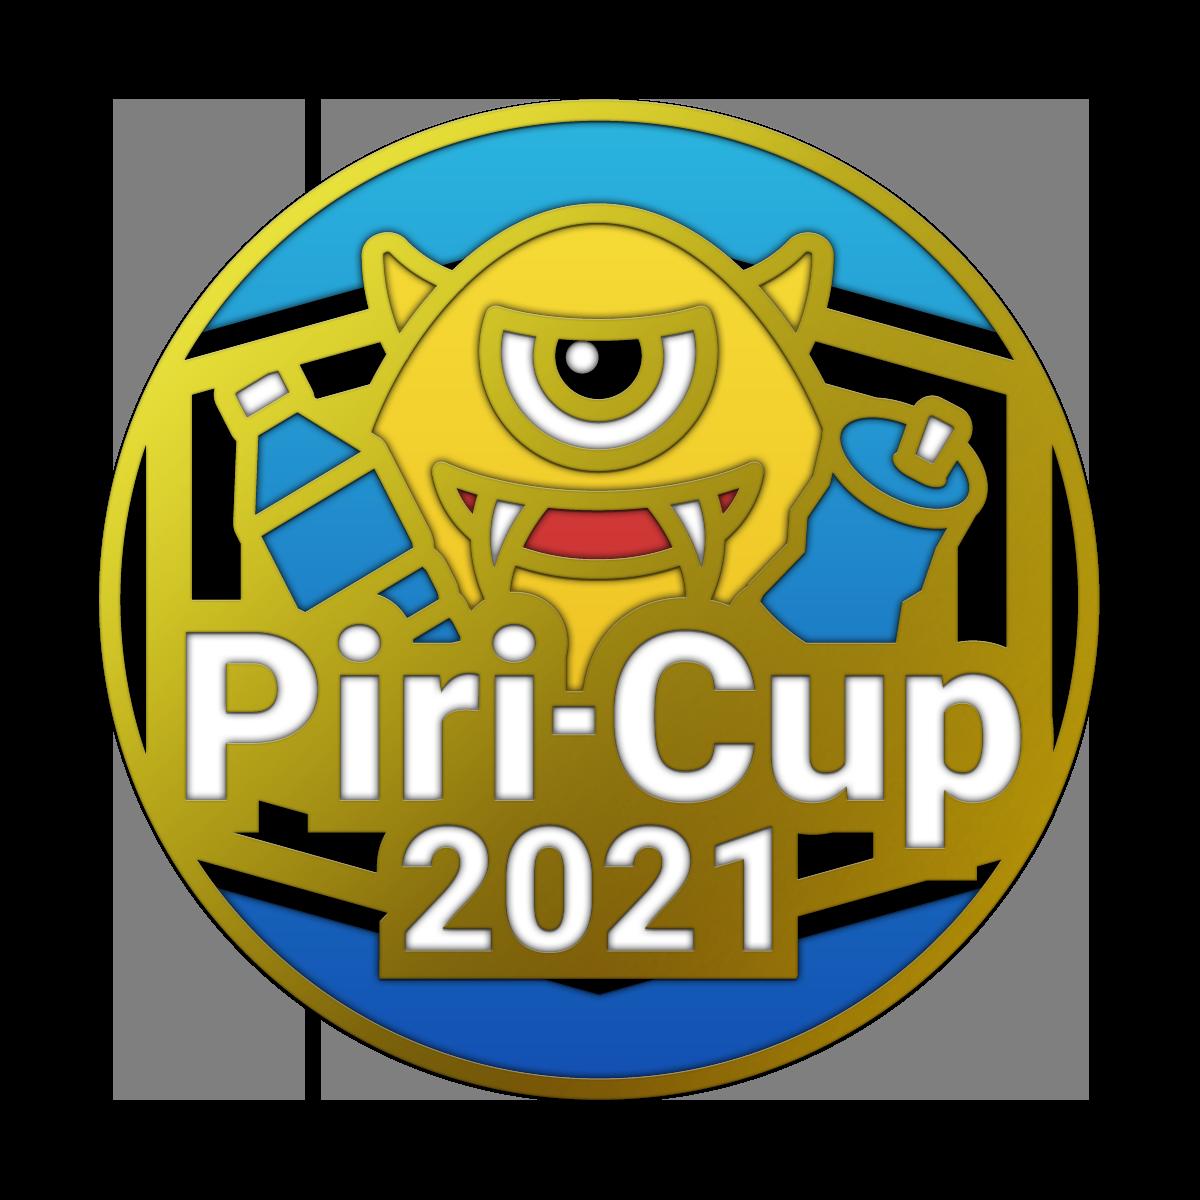 f:id:teampirka:20210518212328p:plain